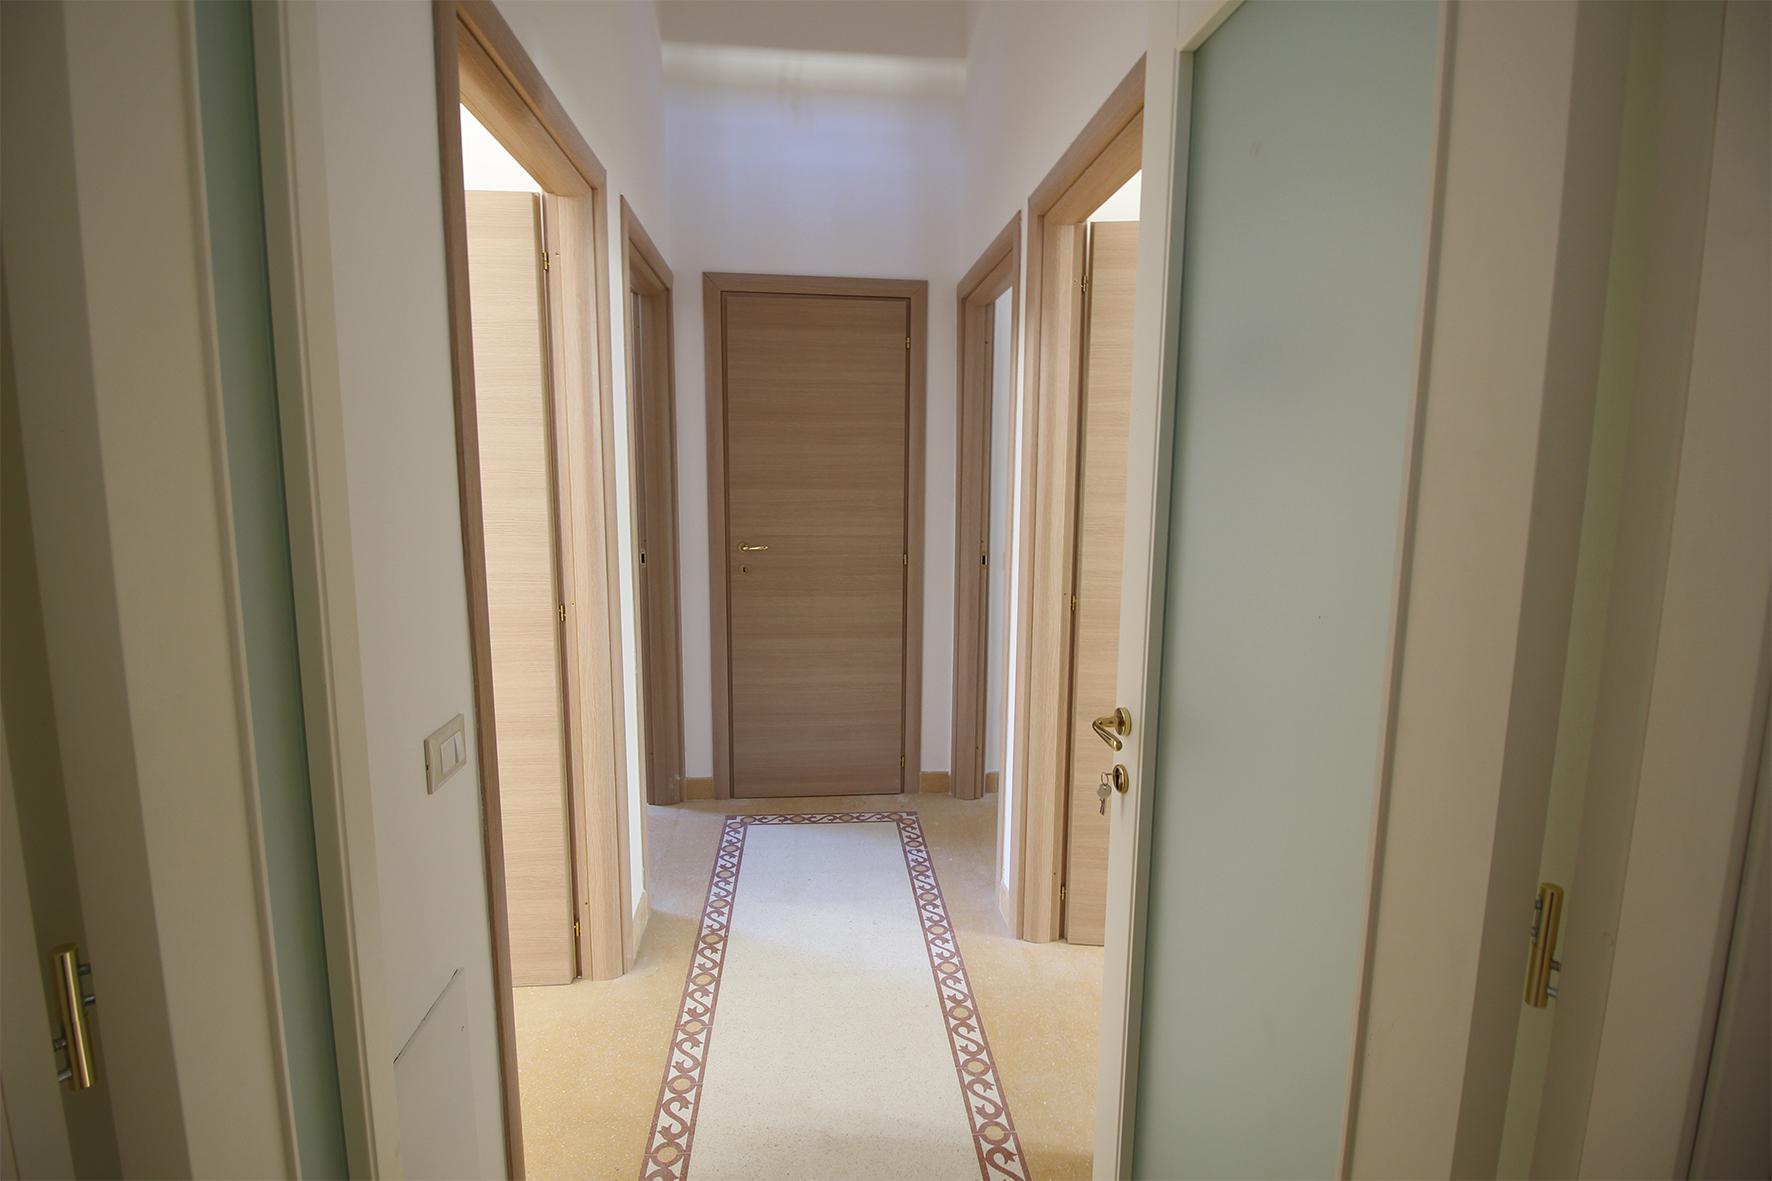 Appartamento in affitto a L'Aquila, 4 locali, zona Località: Centrostorico, prezzo € 600 | CambioCasa.it